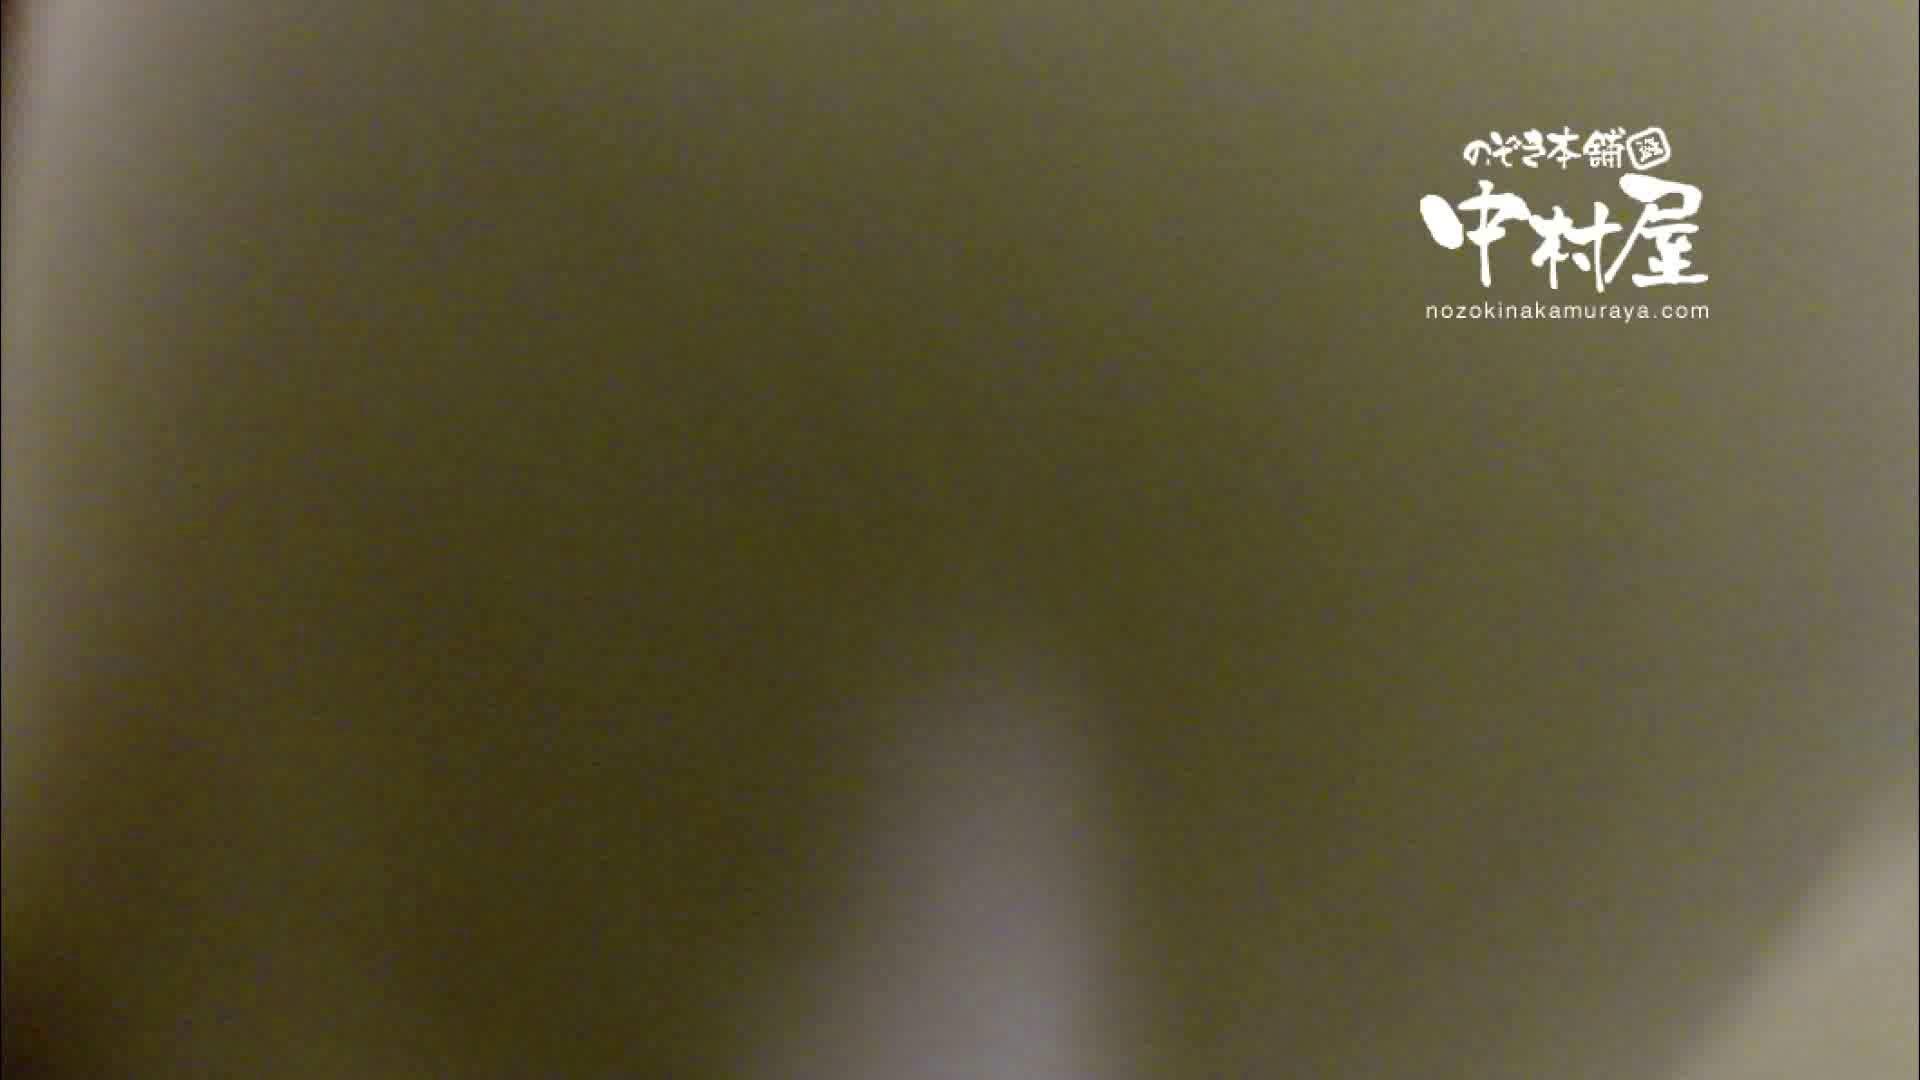 鬼畜 vol.11 下の口は正直なオンナ 前編 鬼畜 | 美女OL  103連発 95